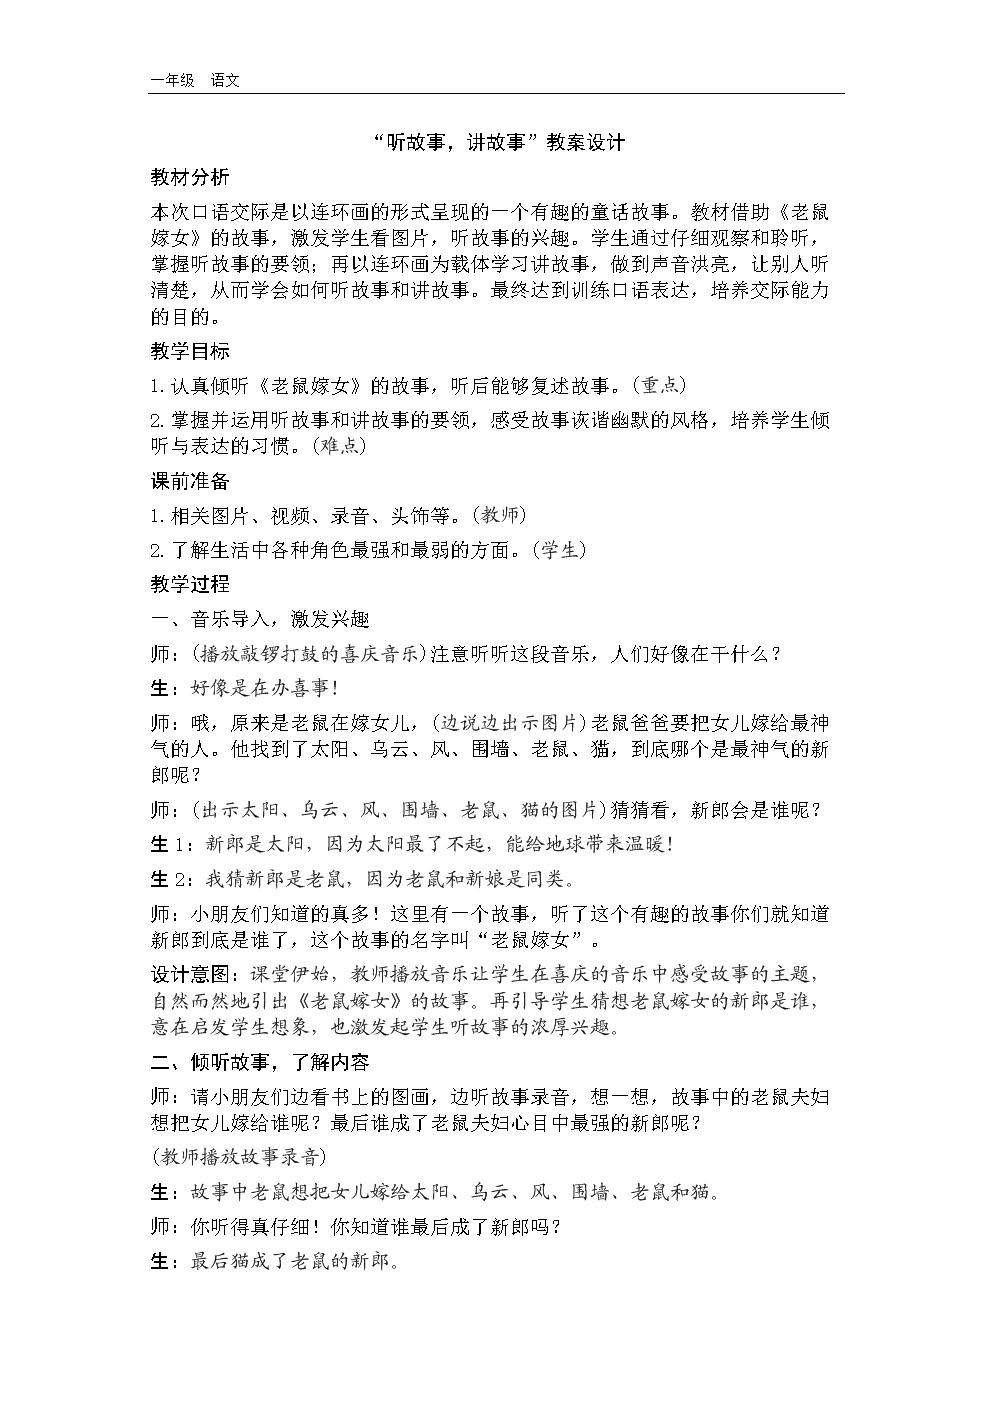 2021春人教版一年级语文下册教案设计-口语交际:听故事,讲故事.doc